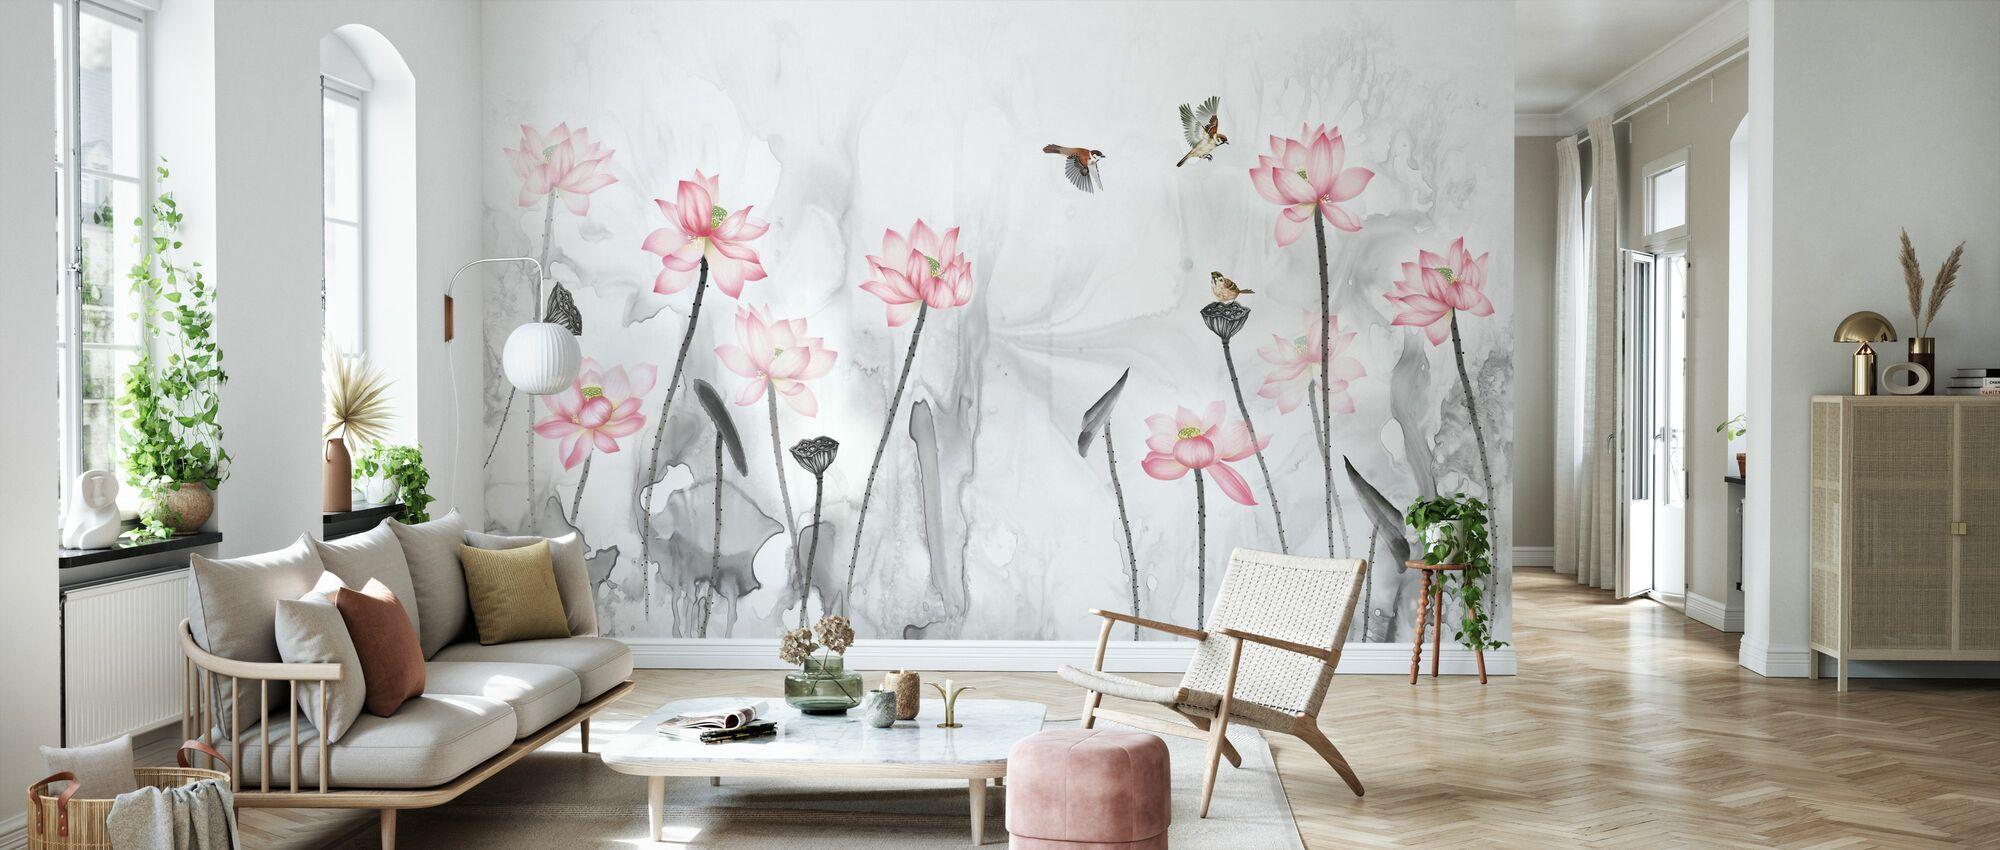 Vögel und Blumengarten - Tapete - Wohnzimmer